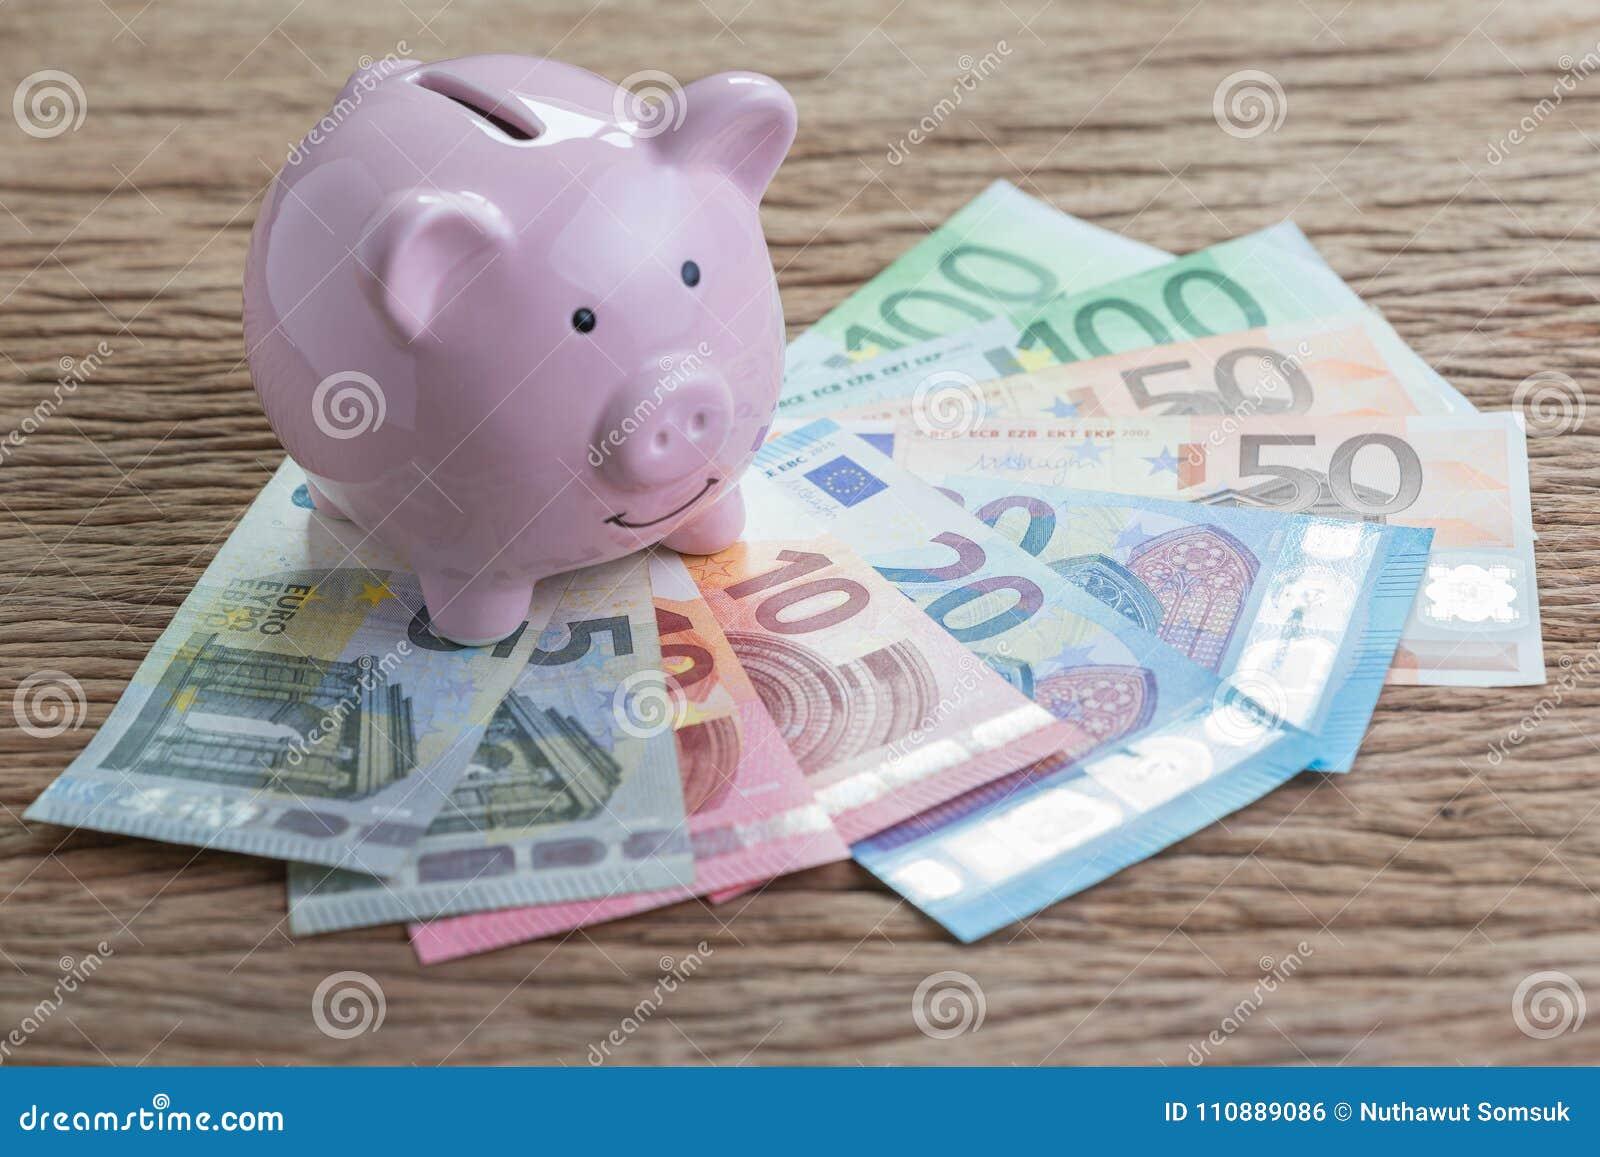 Różowy prosiątko bank na stosie Euro banknoty na drewnianym stole, finan